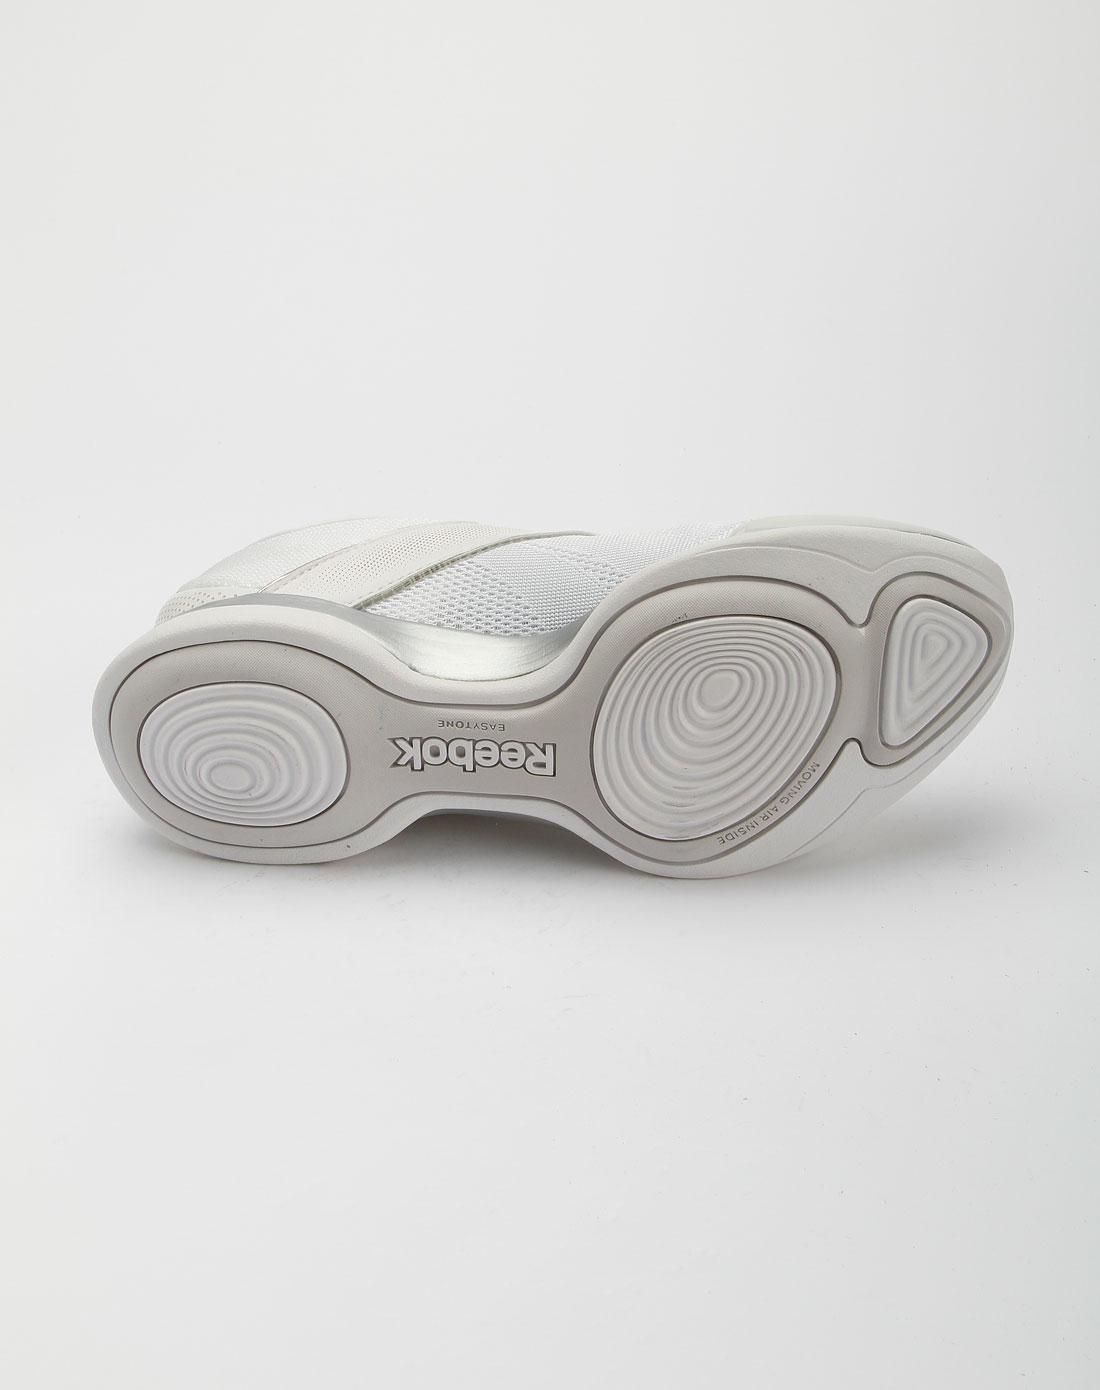 锐步reebok白色运动休闲鞋j22217